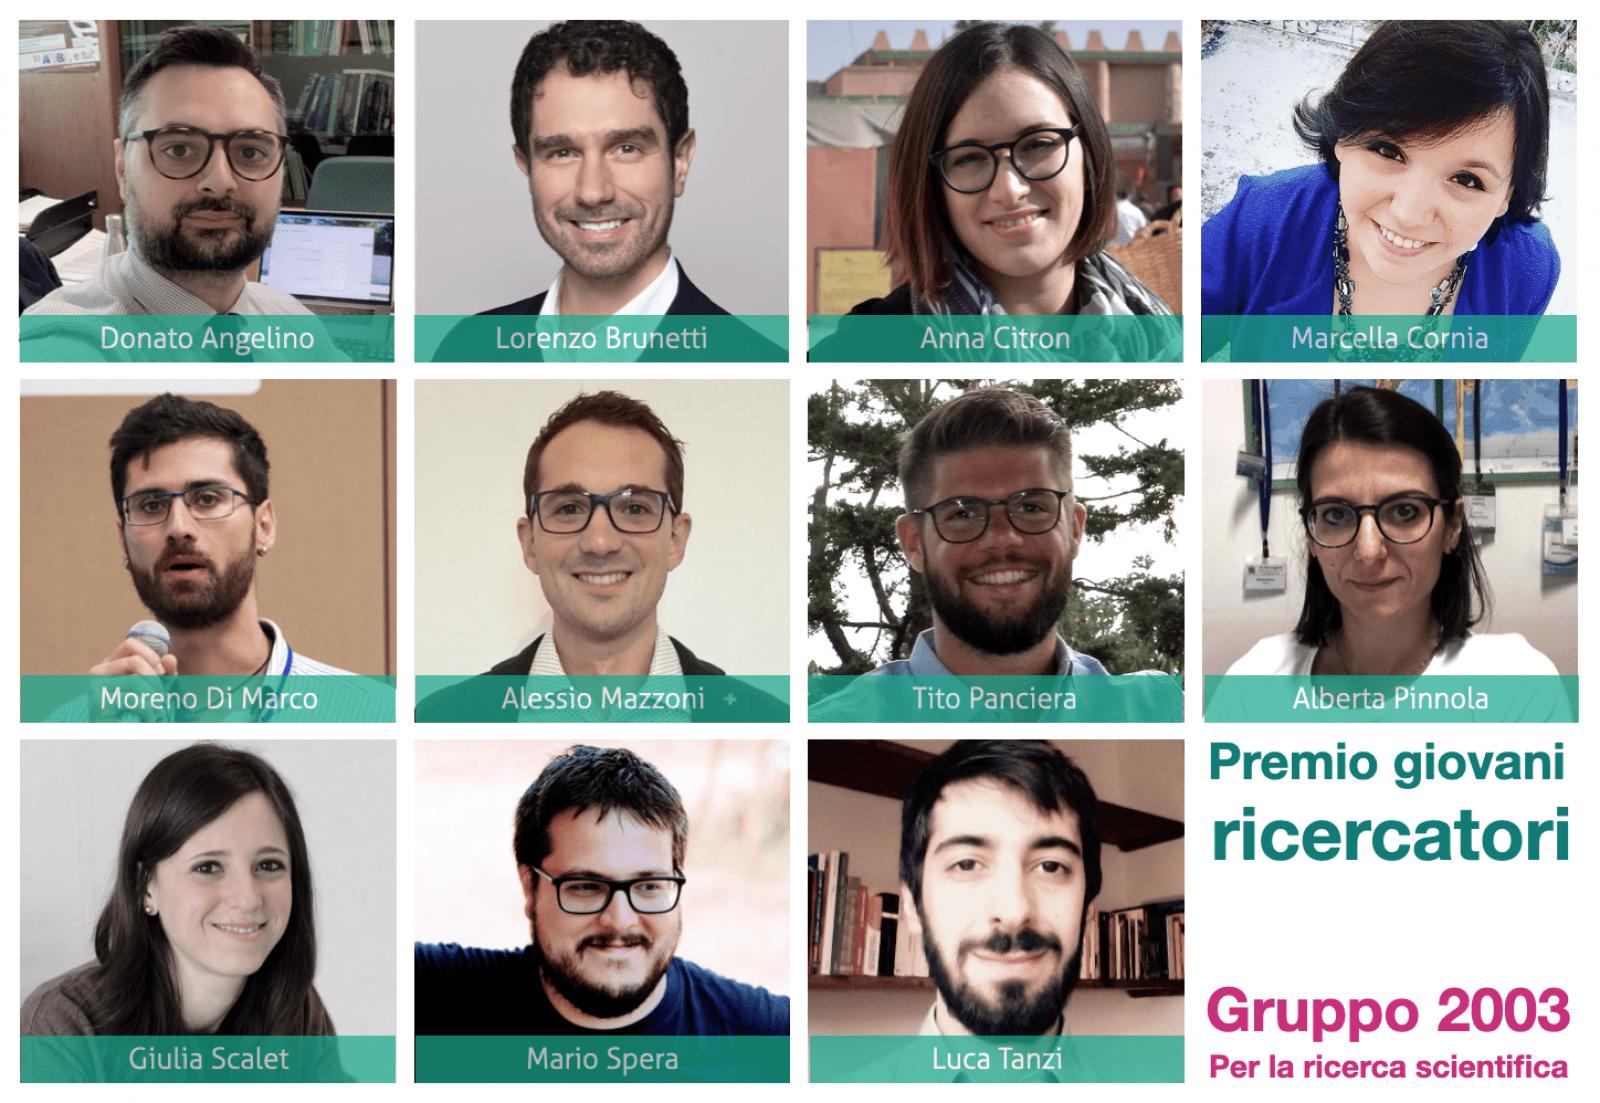 Premio Giovani Ricercatori 2020: l'incoraggiante futuro della scienza italiana